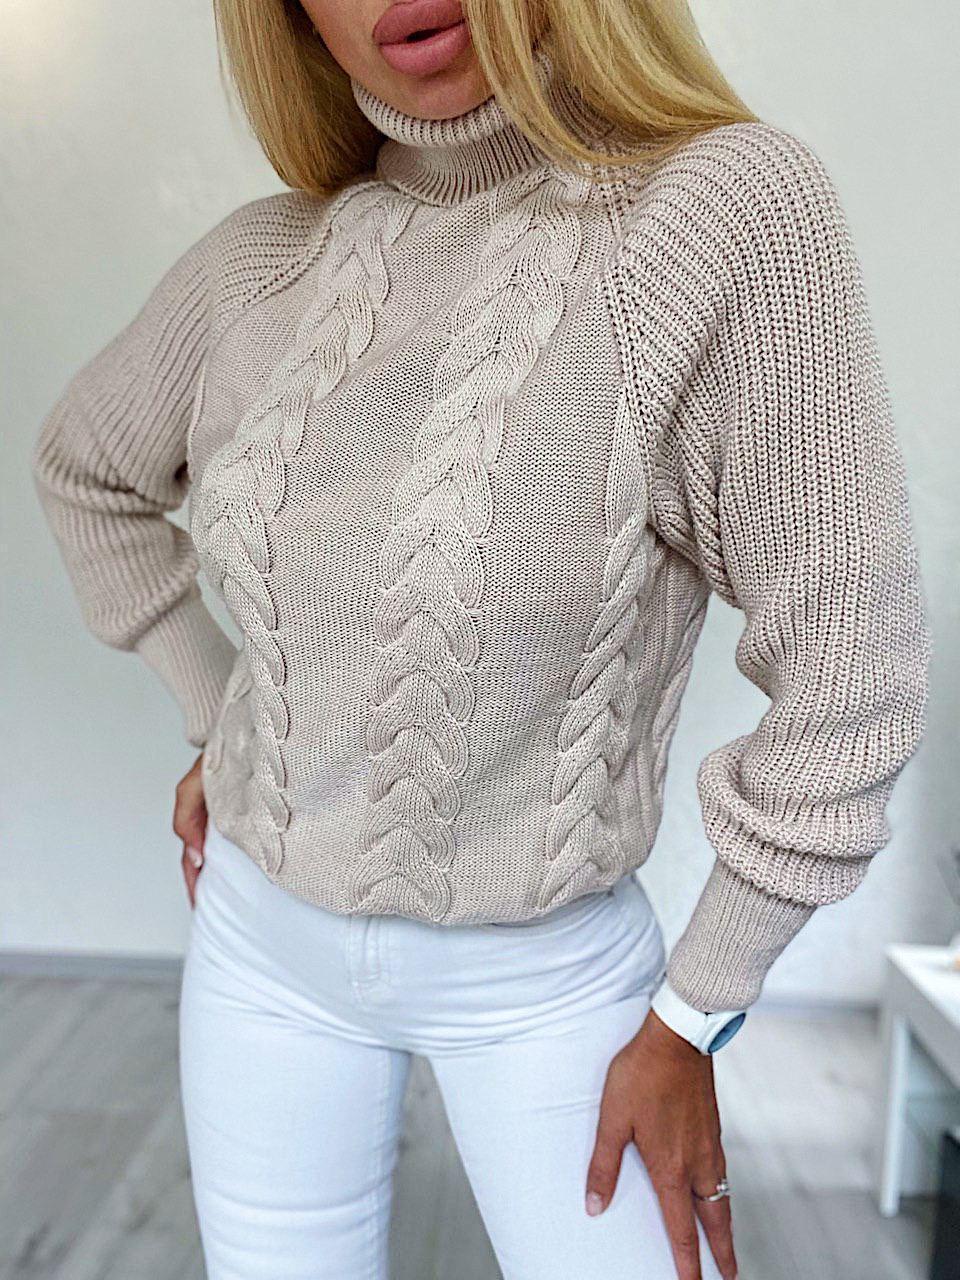 Женский вязаный свитер с объемным рукавом регланом и узором - косами (р. 42-46) 4dm965